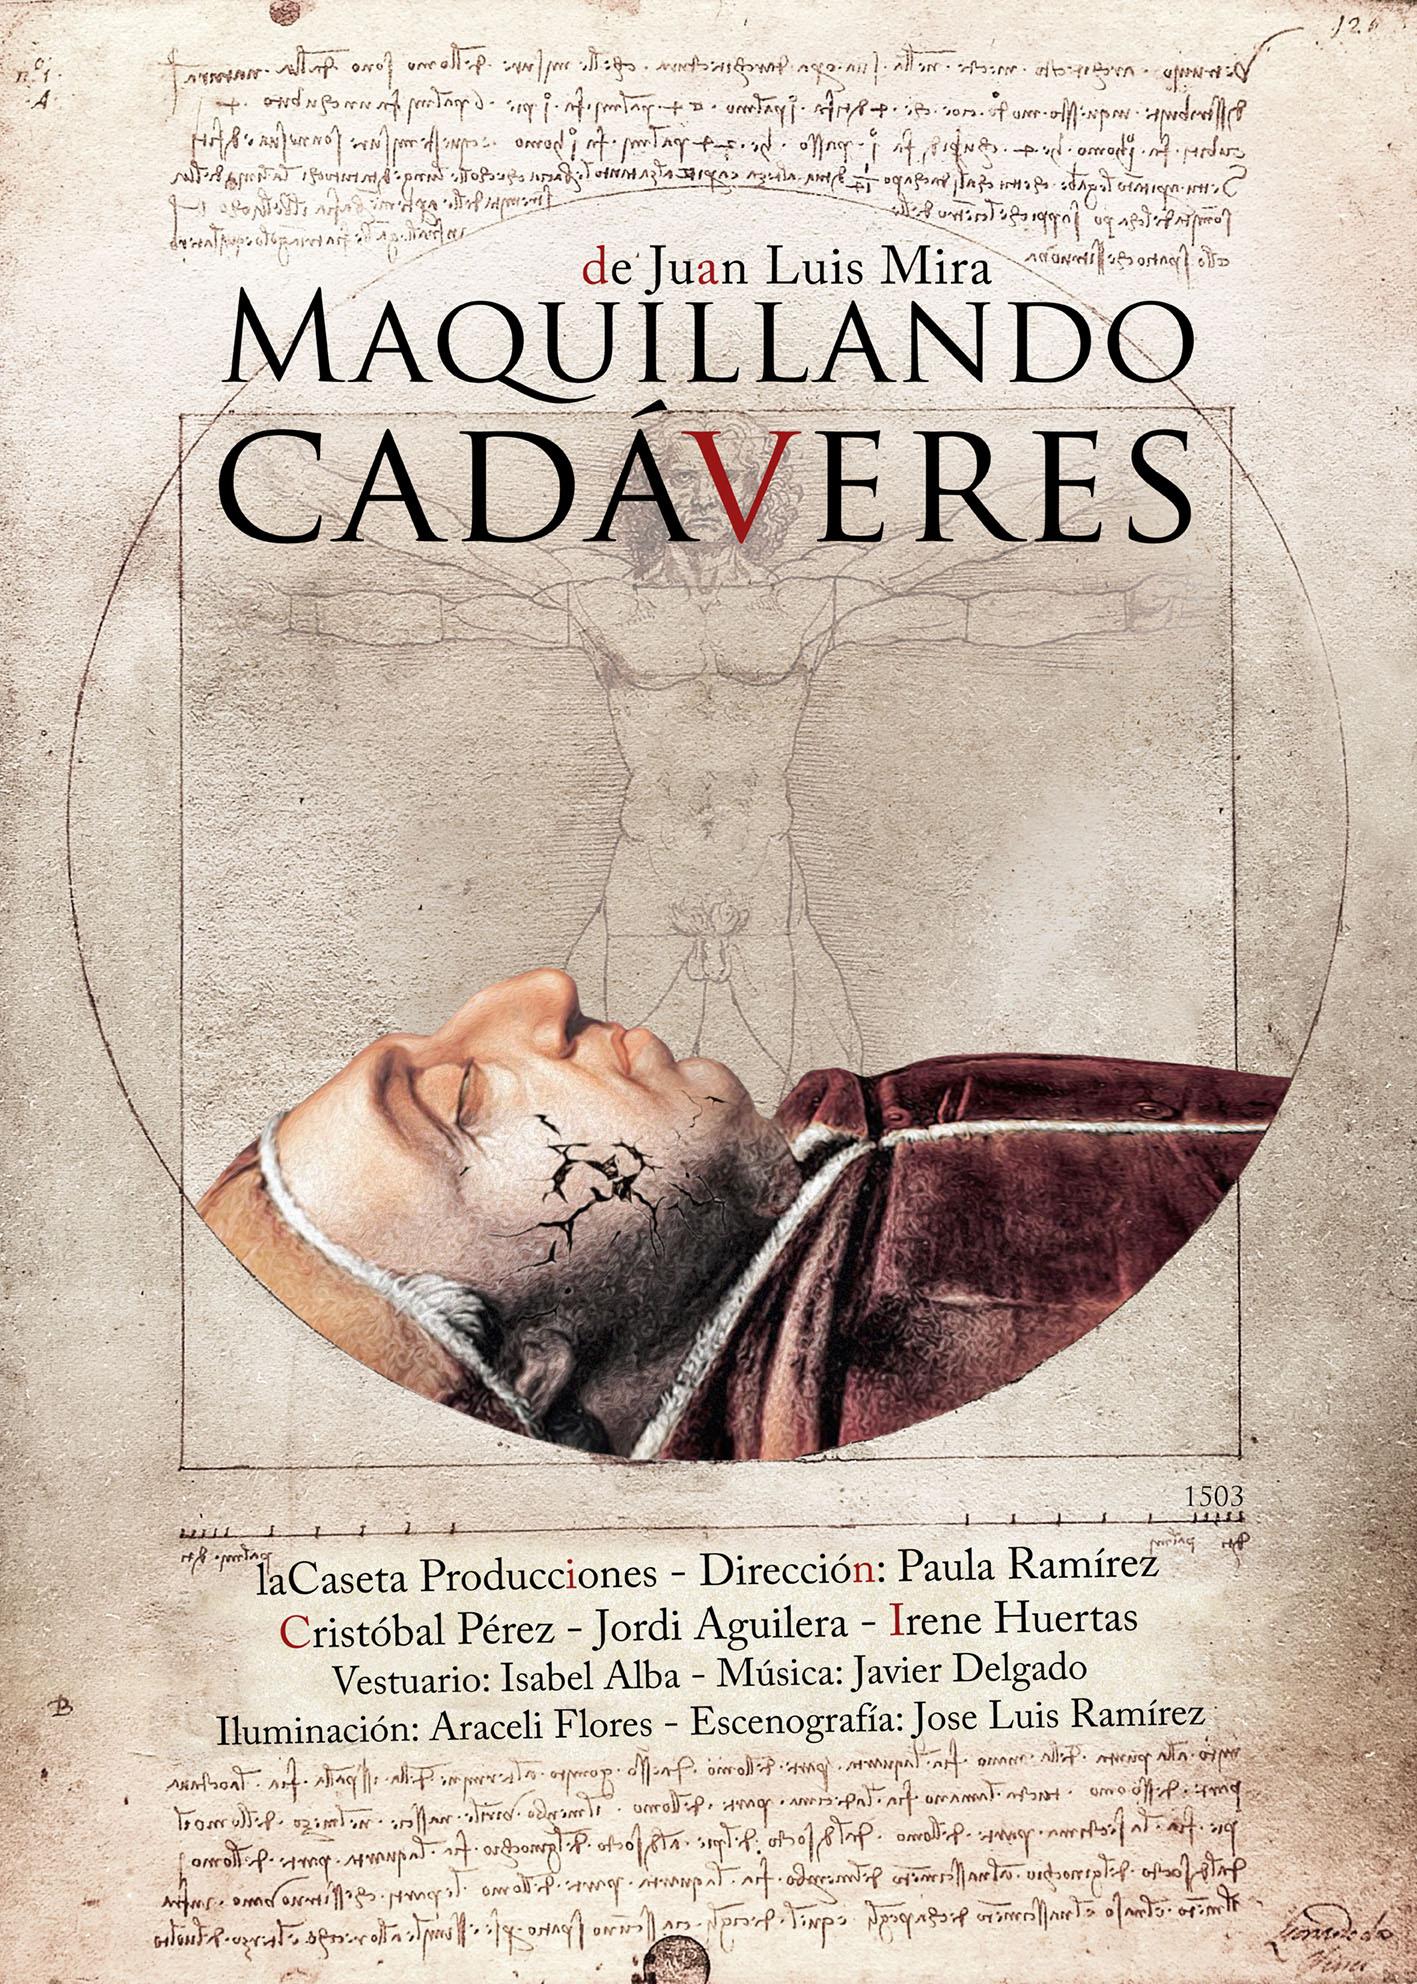 MAQUILLANDO CADÁVERES de Juan Luis Mira @ Palacio Erisana